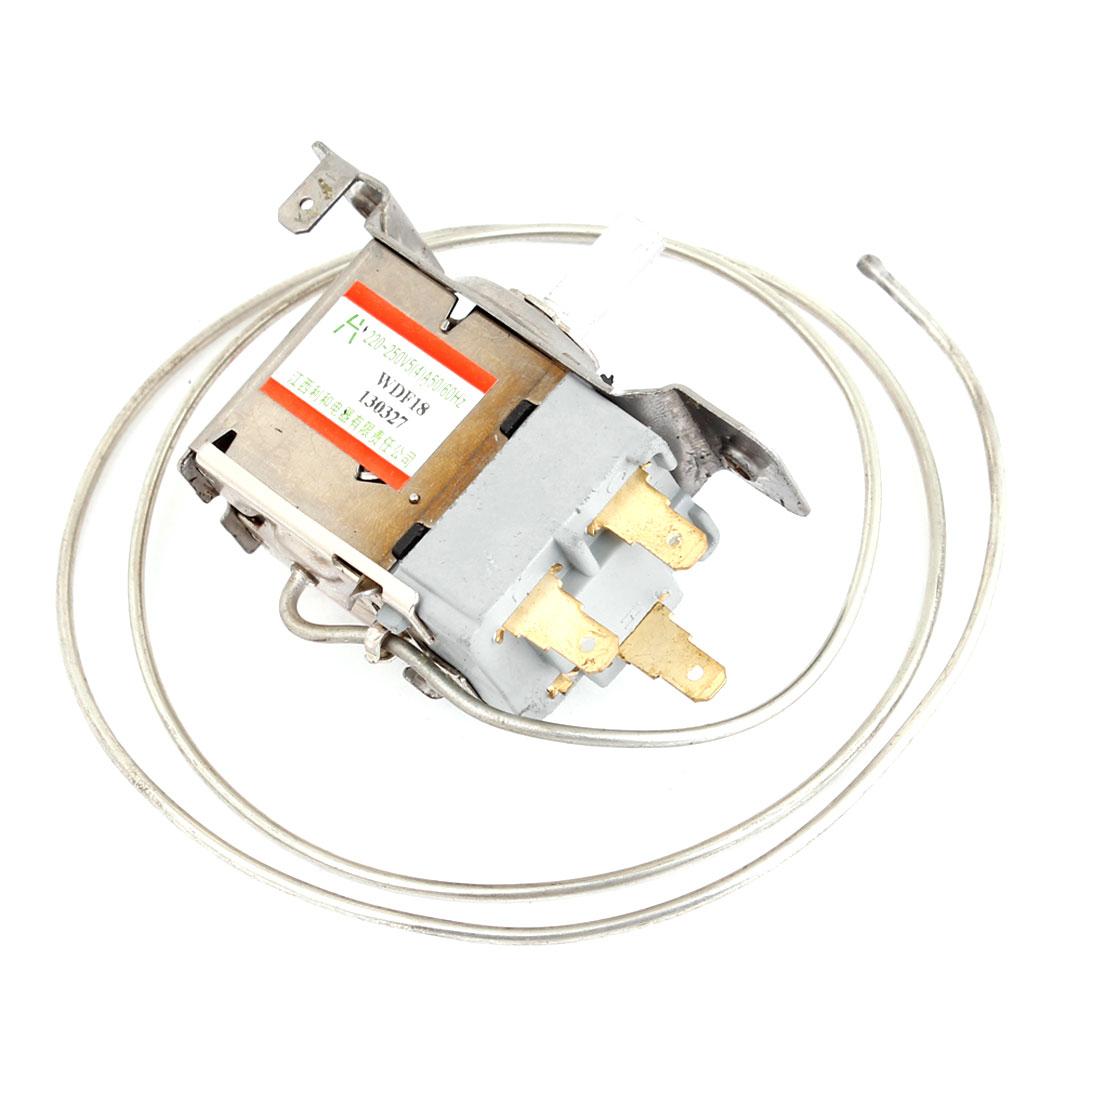 AC 220-250V 5A 3 Terminals Refrigeration Insulated Device for Refrigerators